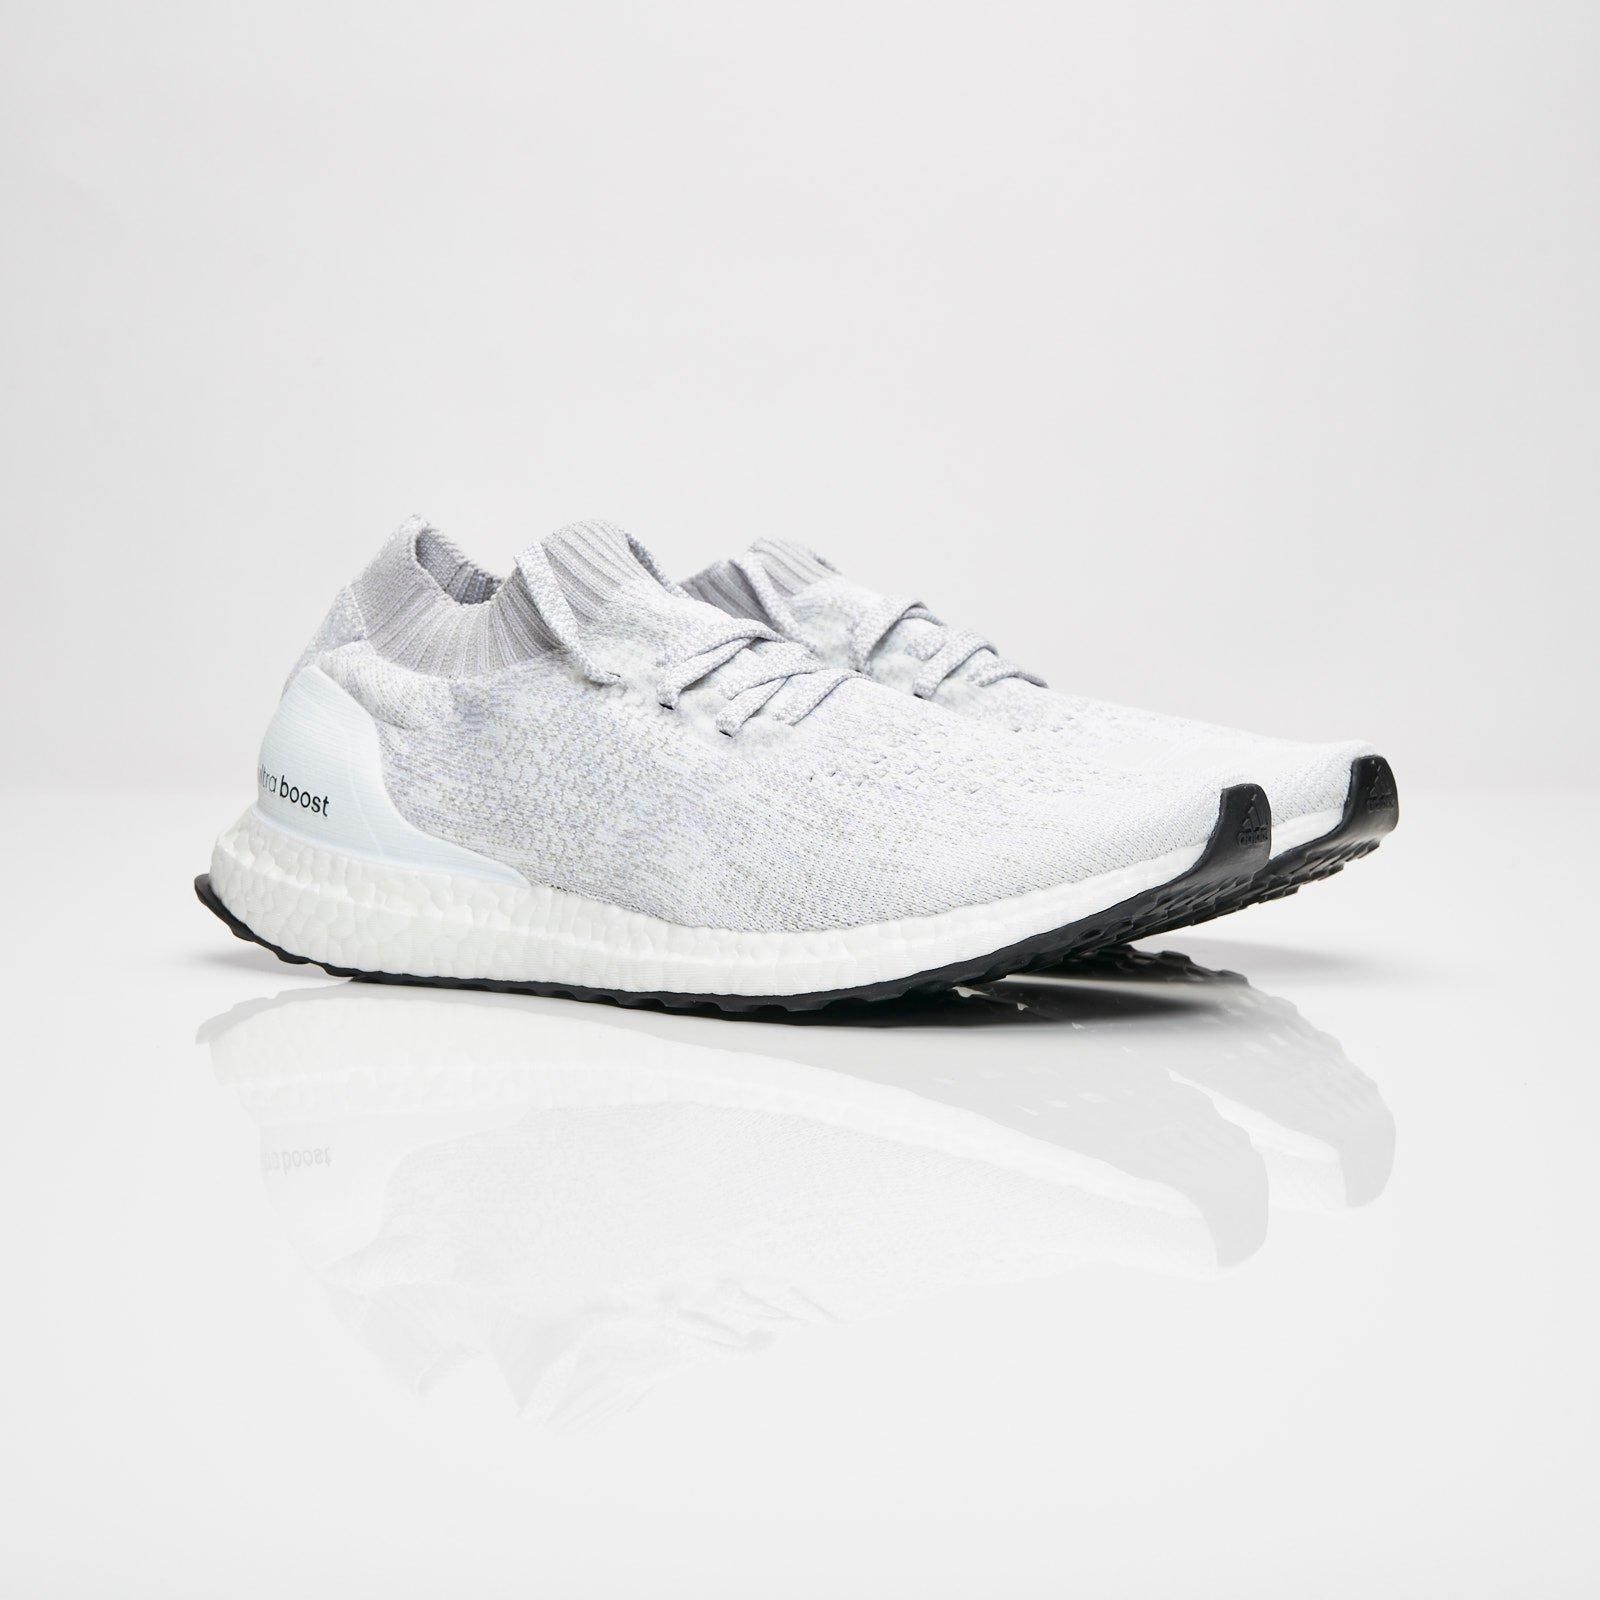 72a2de33b adidas UltraBOOST Uncaged - Da9157 - Sneakersnstuff